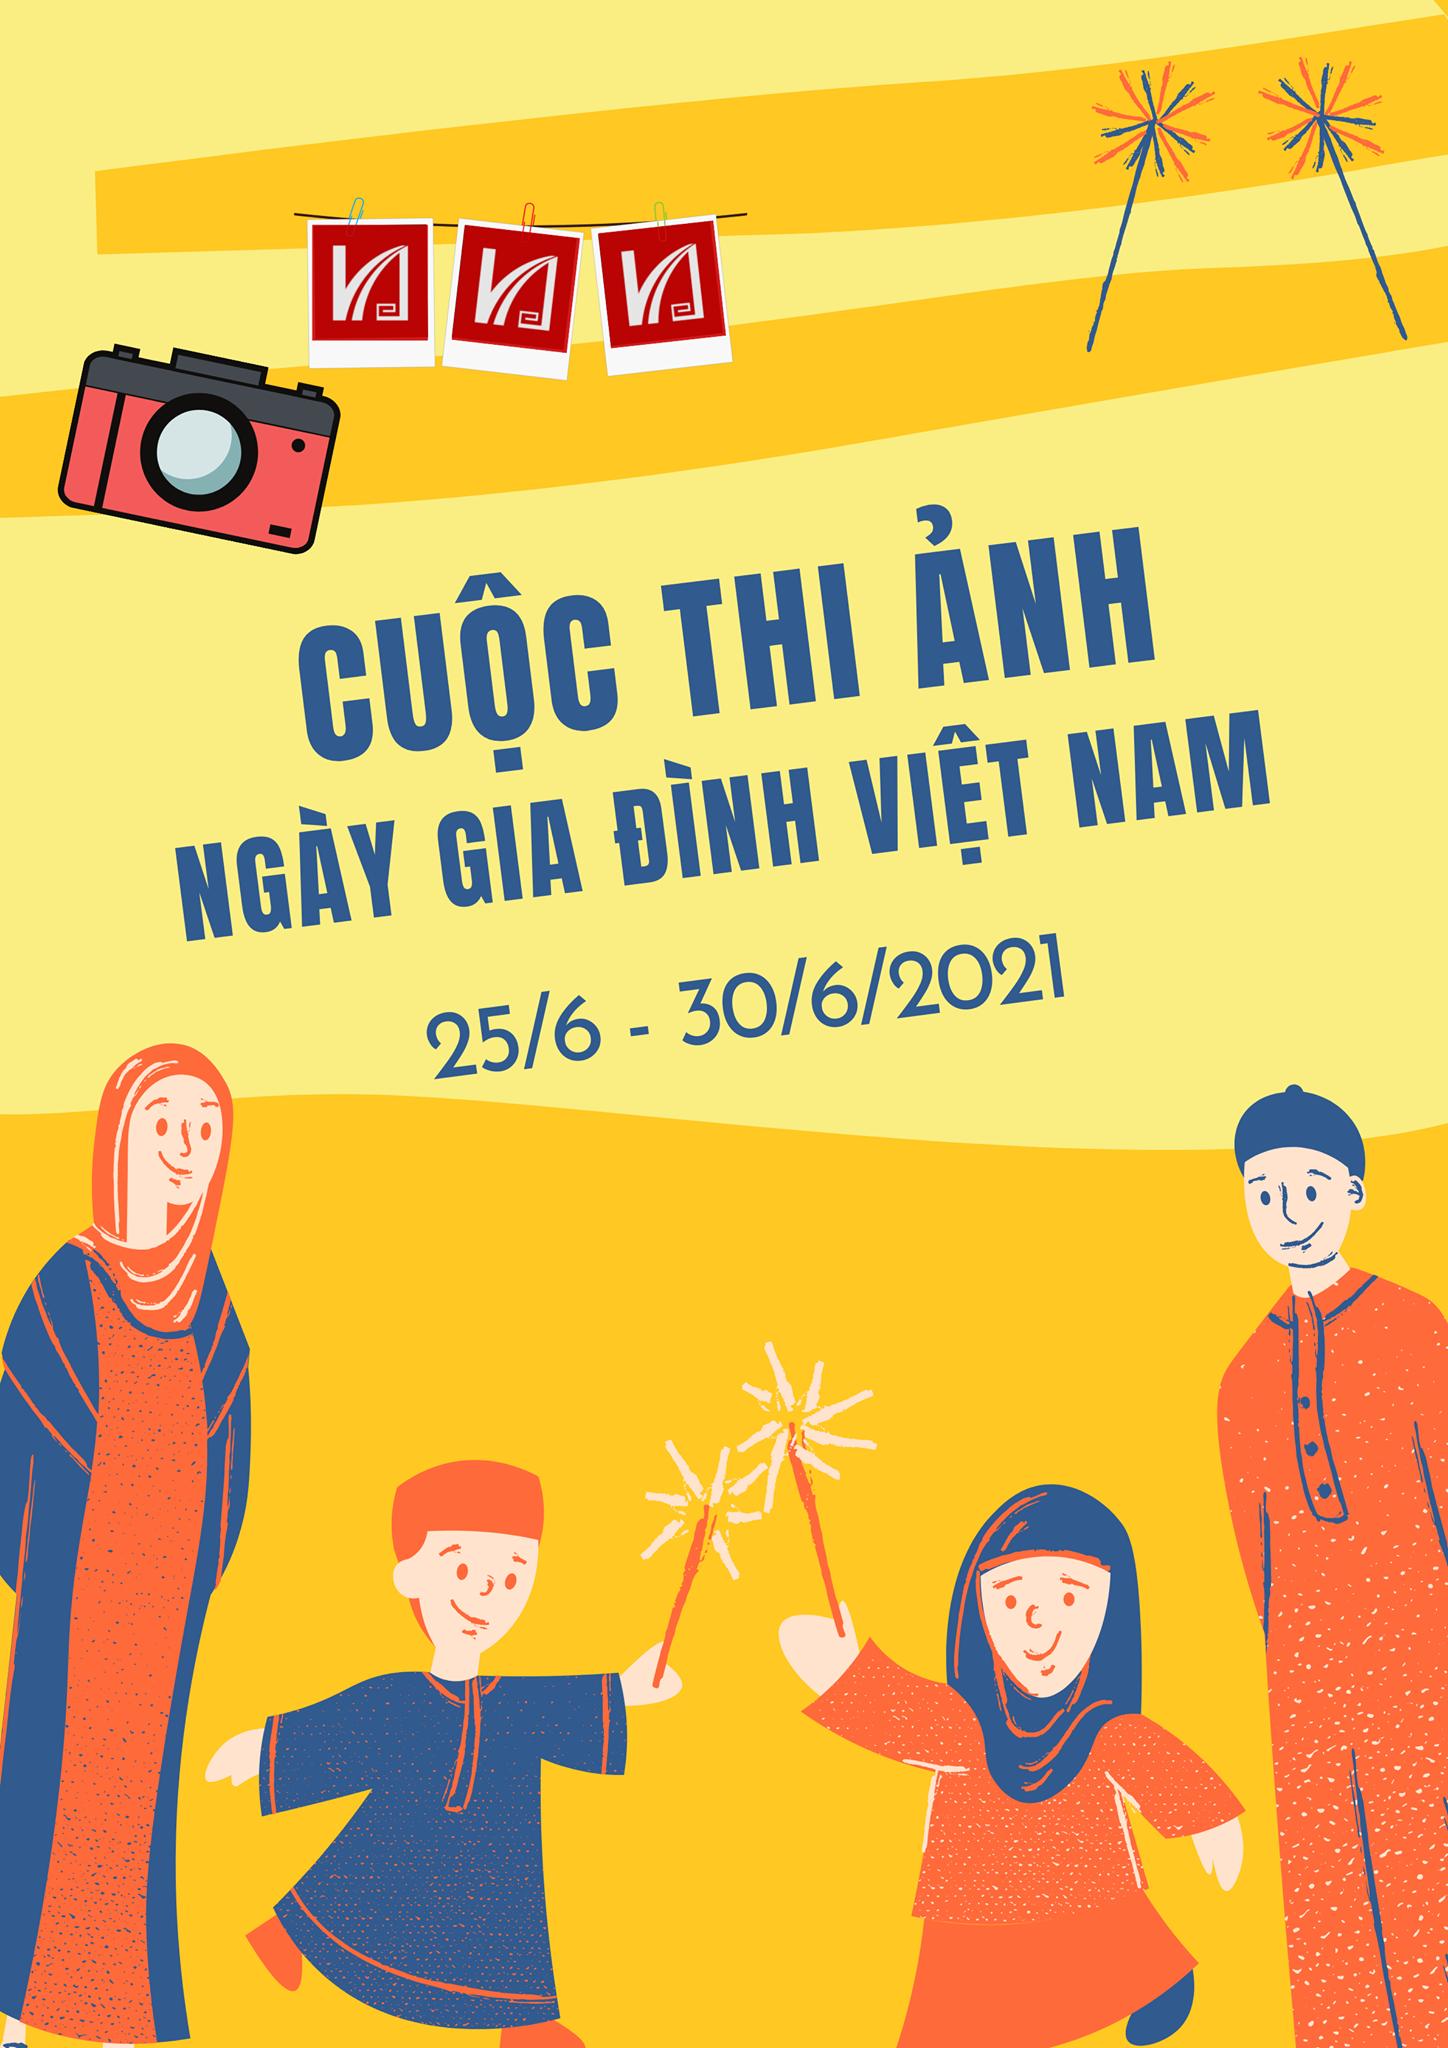 Cuộc thi ảnh ngày Gia đình Việt Nam